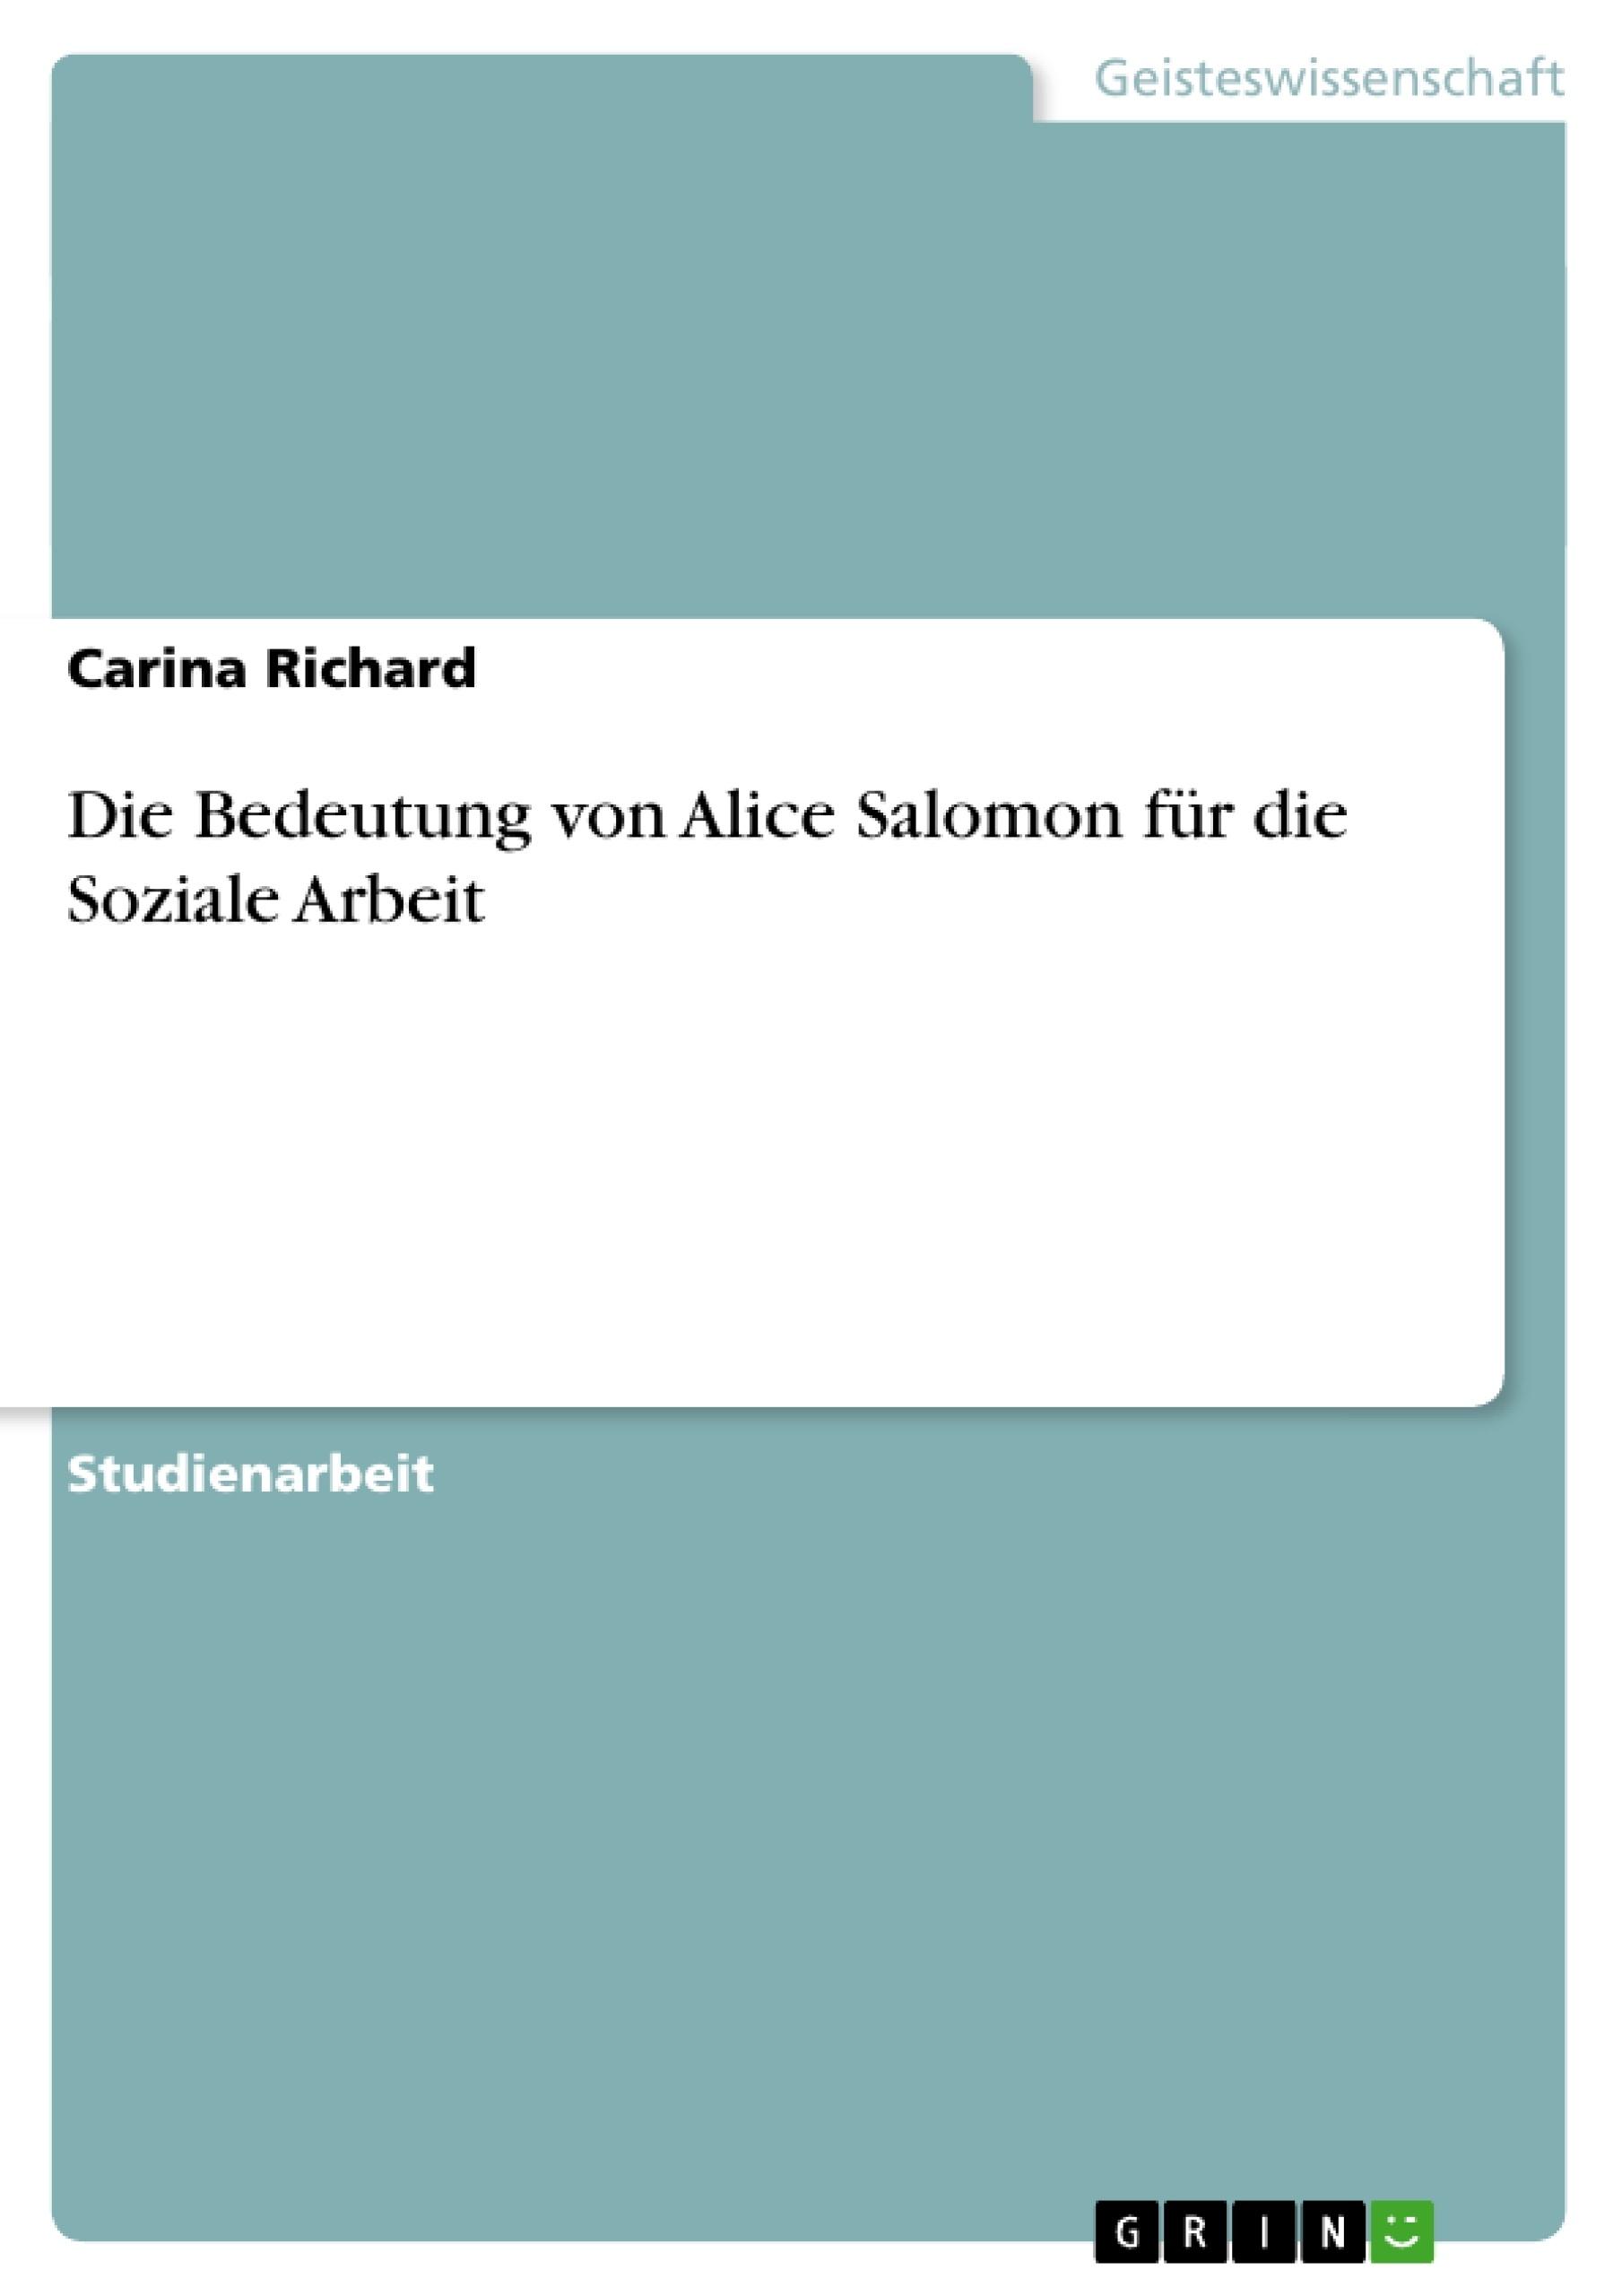 Titel: Die Bedeutung von Alice Salomon für die Soziale Arbeit